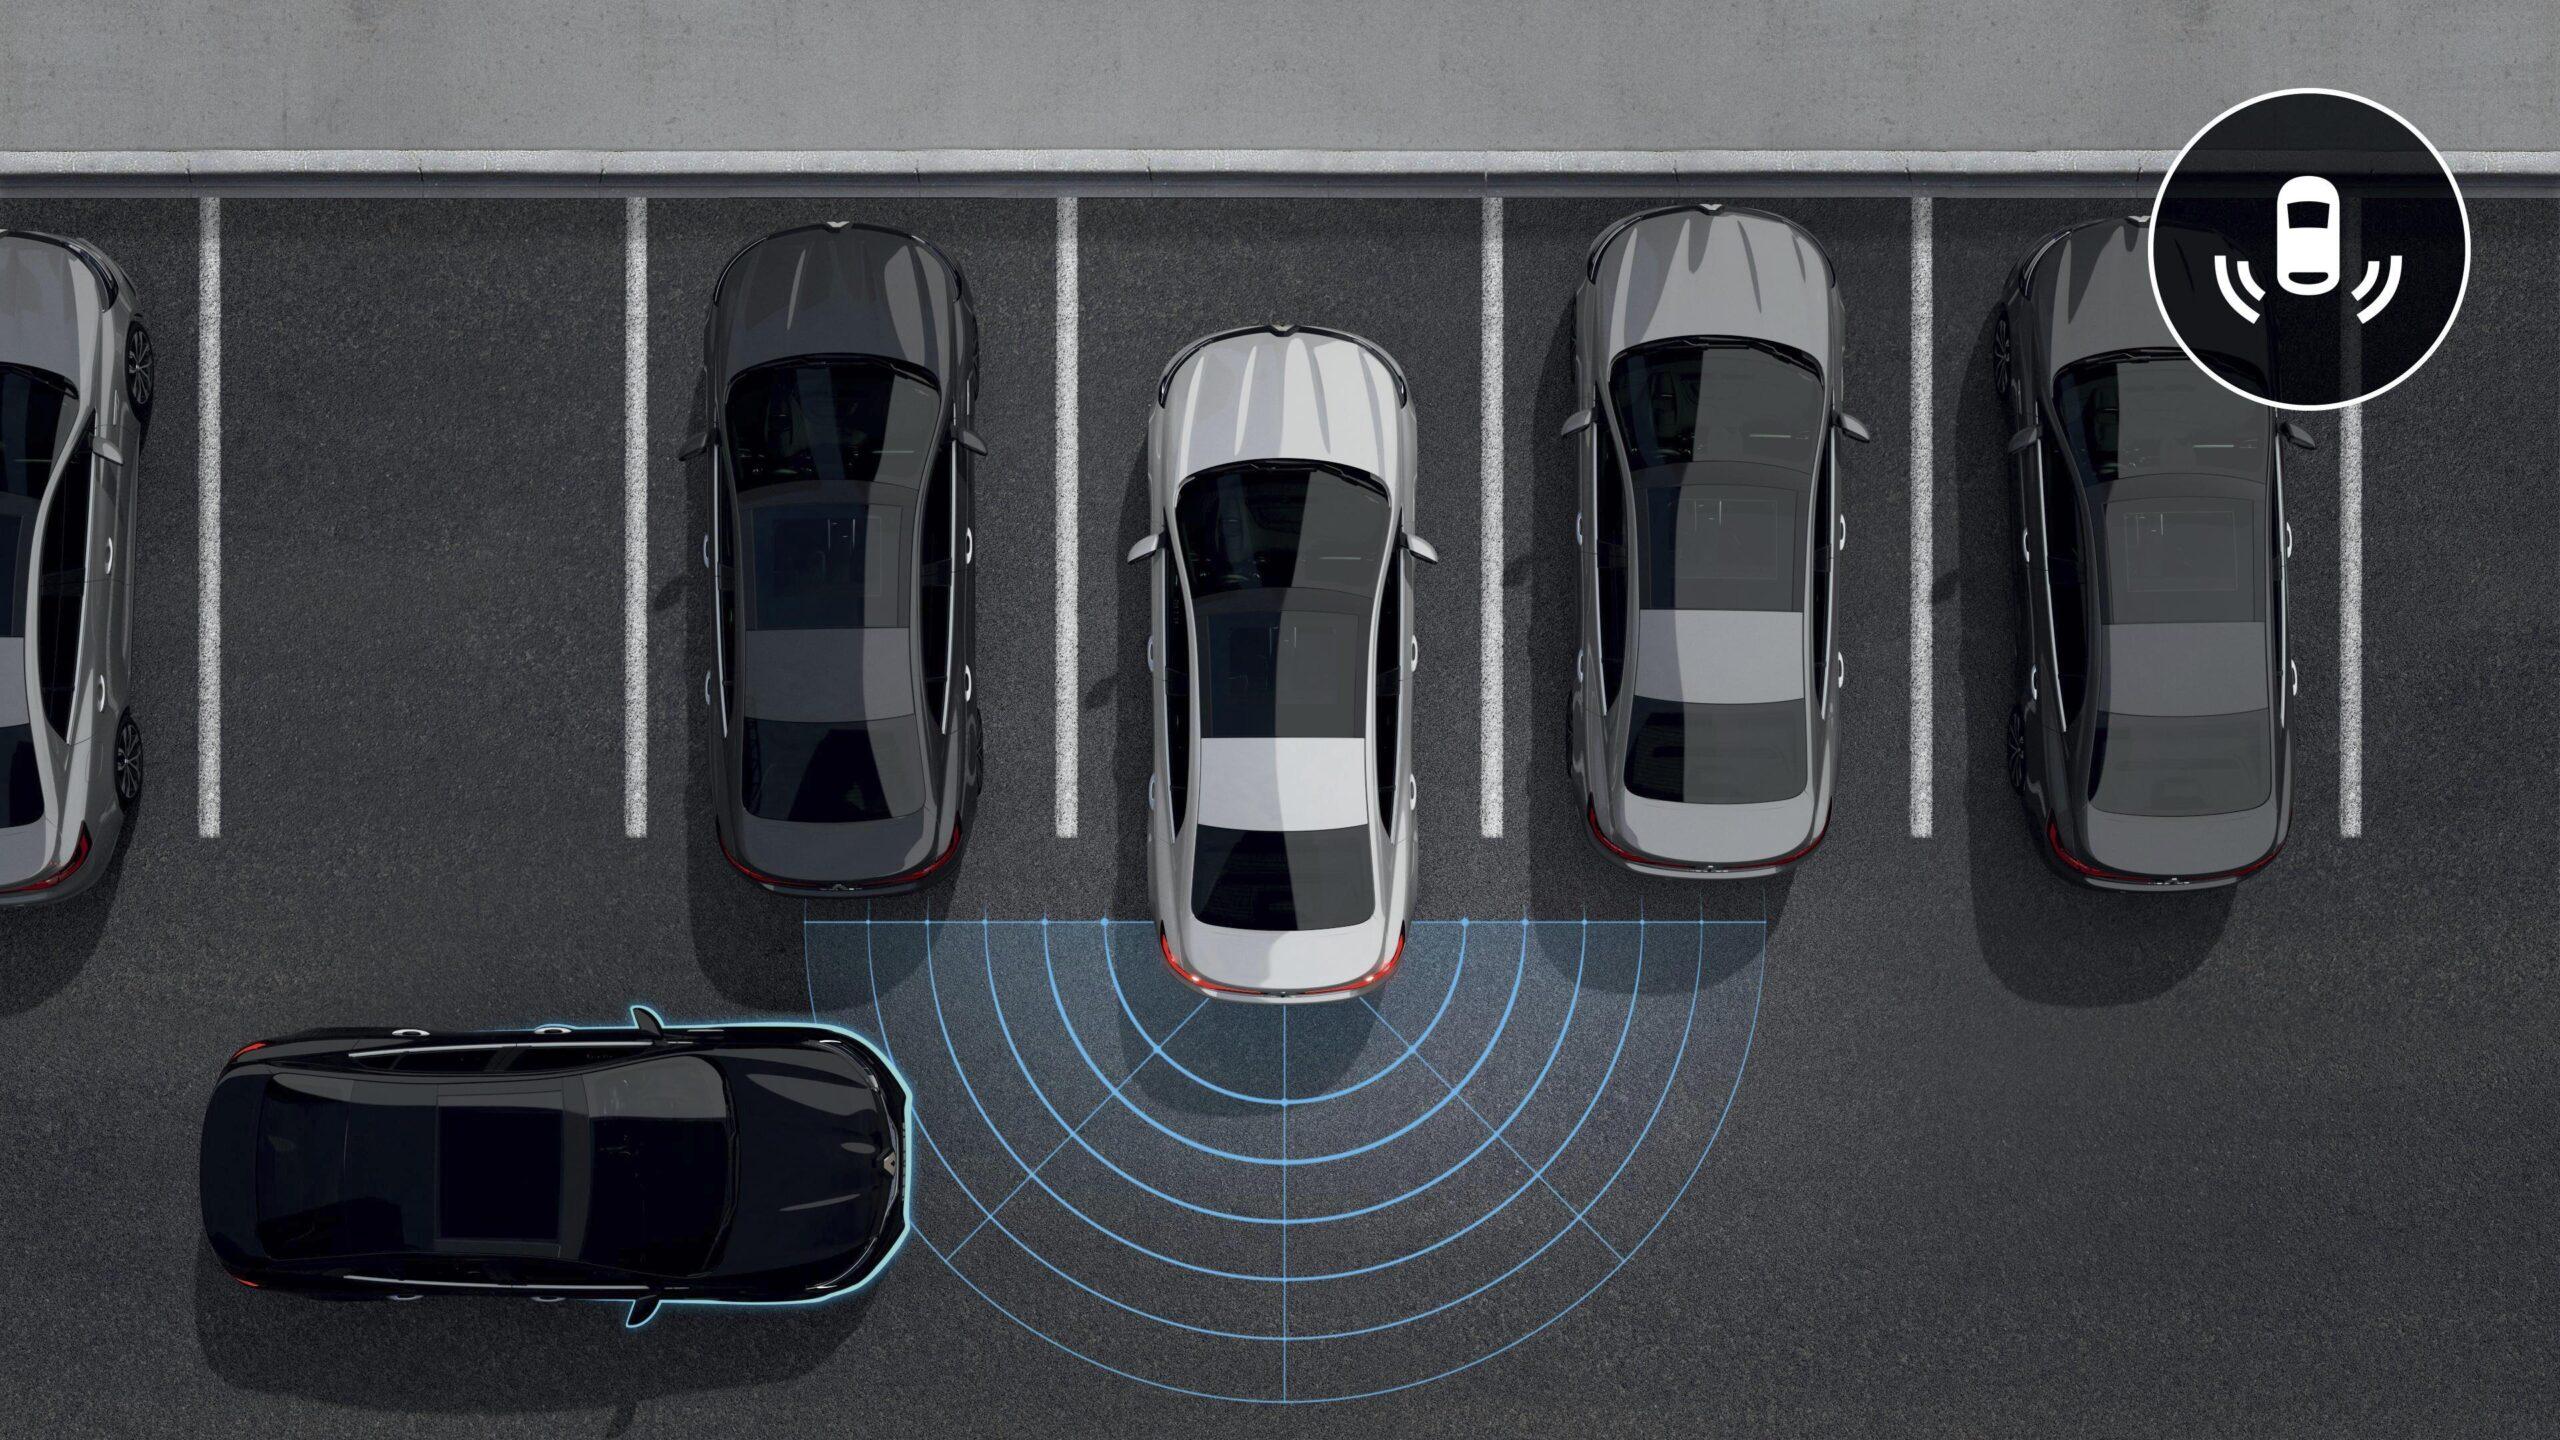 Crear sonidos auténticos para las alertas del auto es el nuevo trend